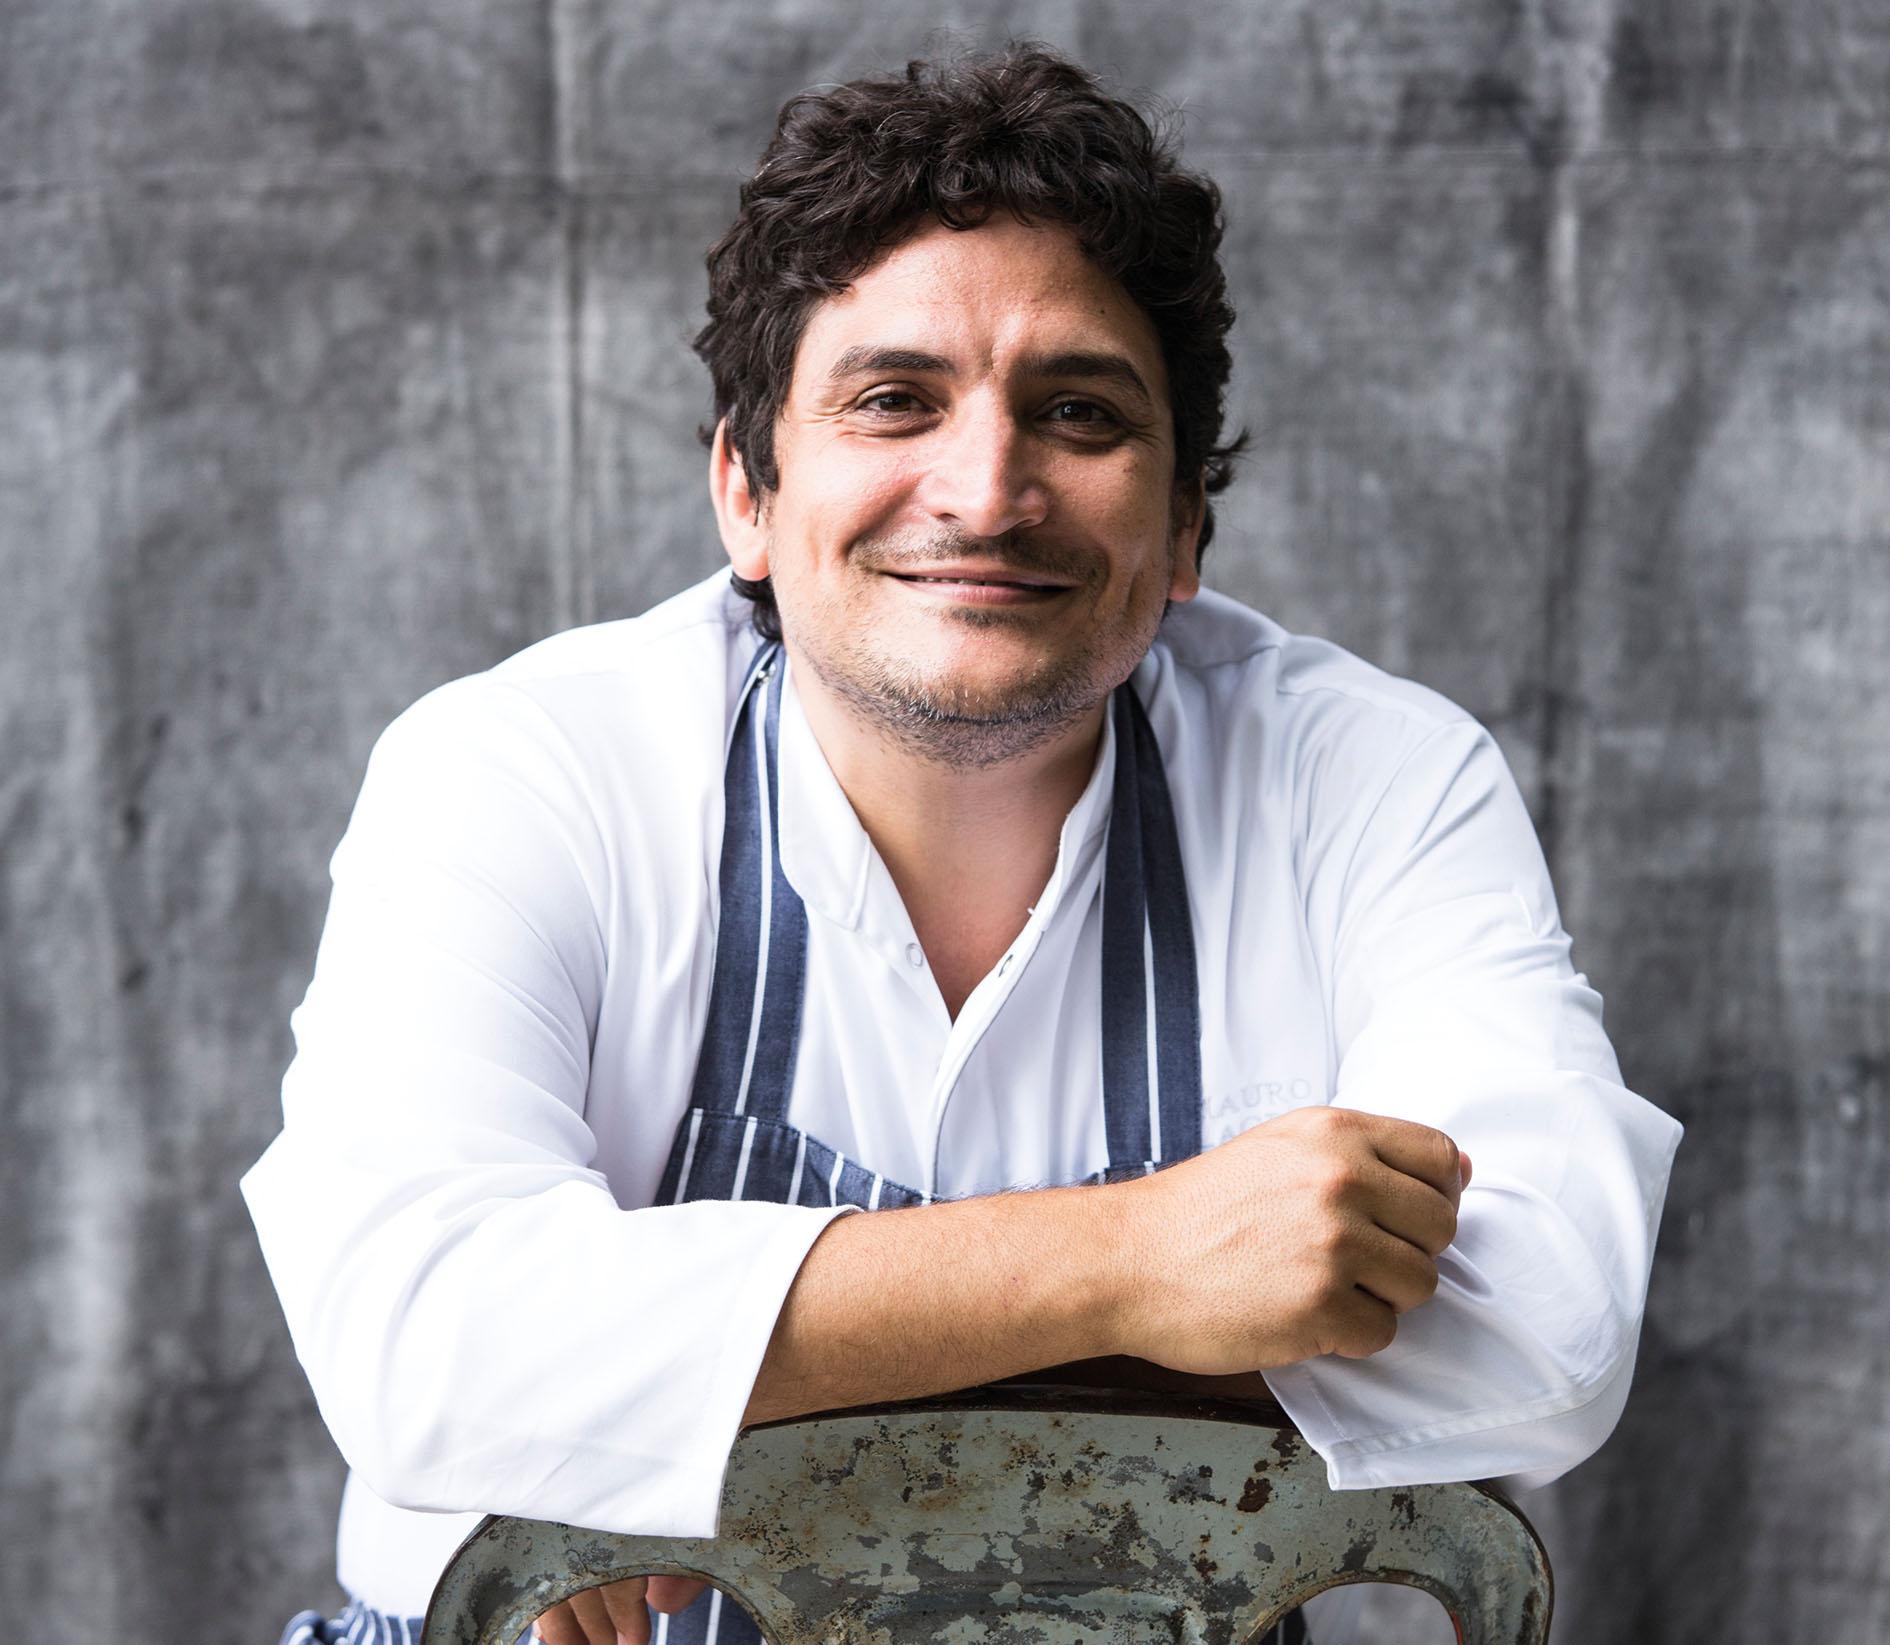 Il Mirazur di Mauro Colagreco al 1° postonella classifica 50 Best Restaurant